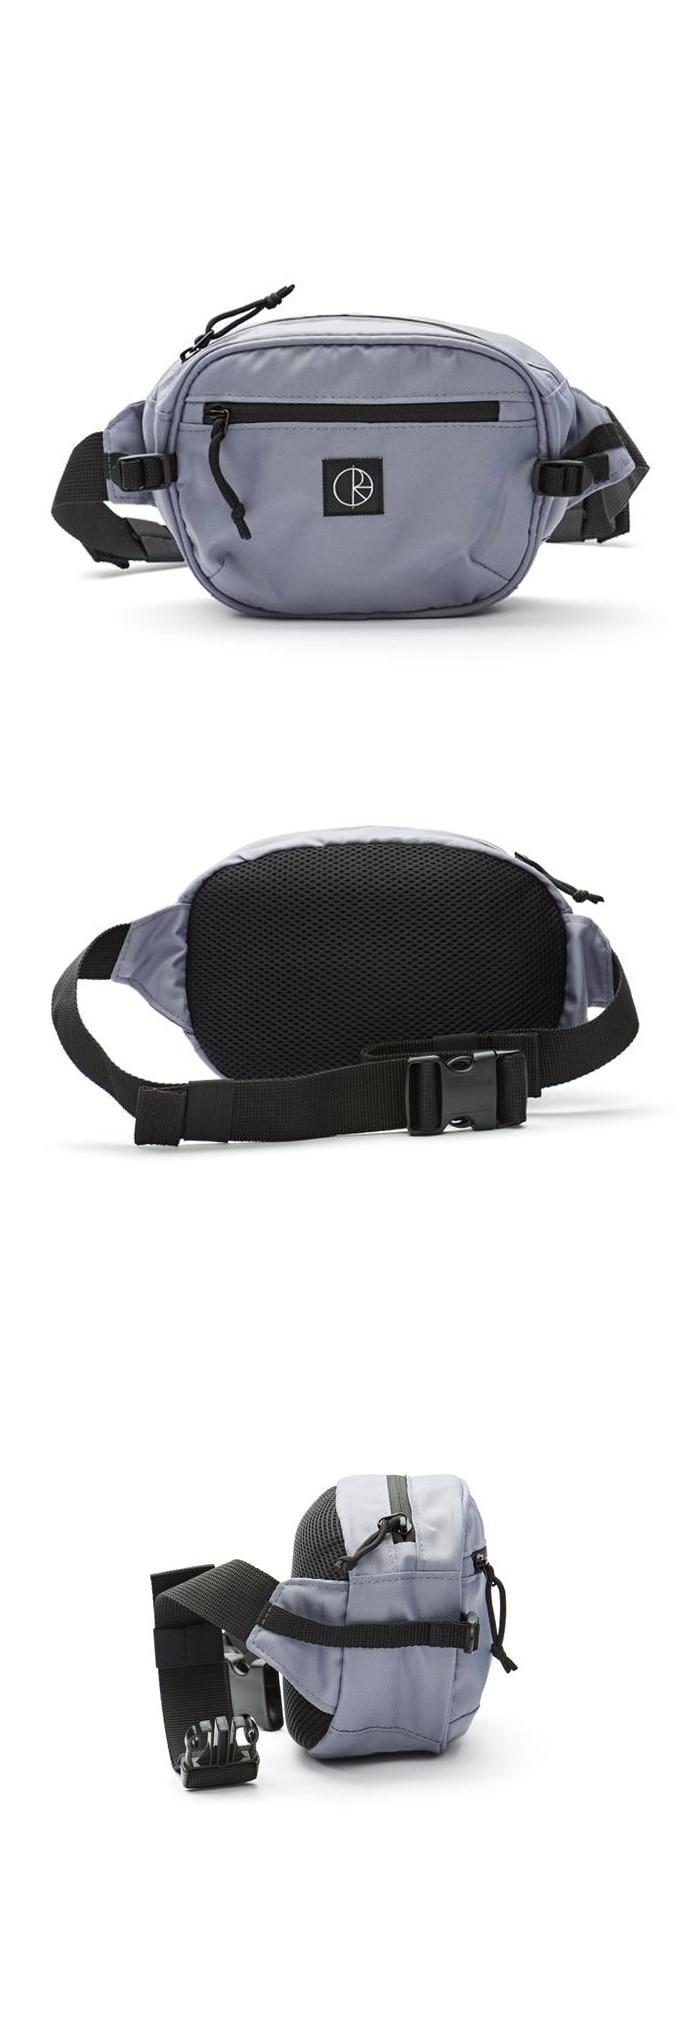 폴라(POLAR) Cordura Hip Bag - Grey